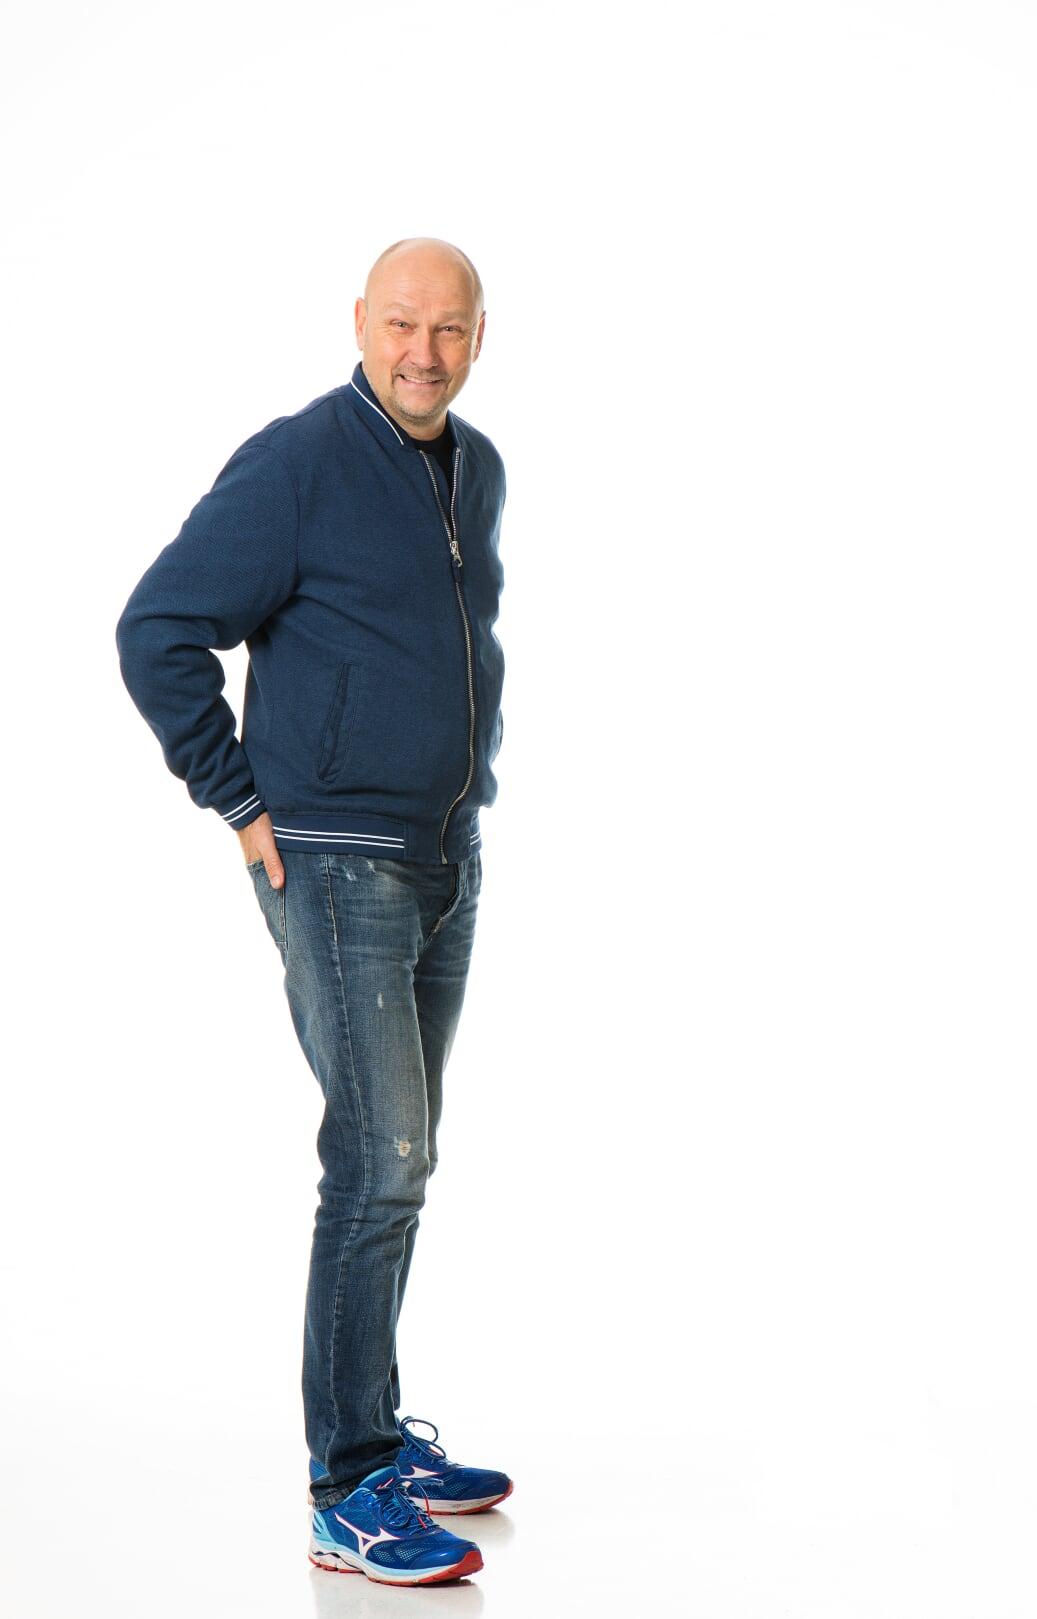 Harri Hänninen, juoksuvalmentaja, HCDR tuottaja